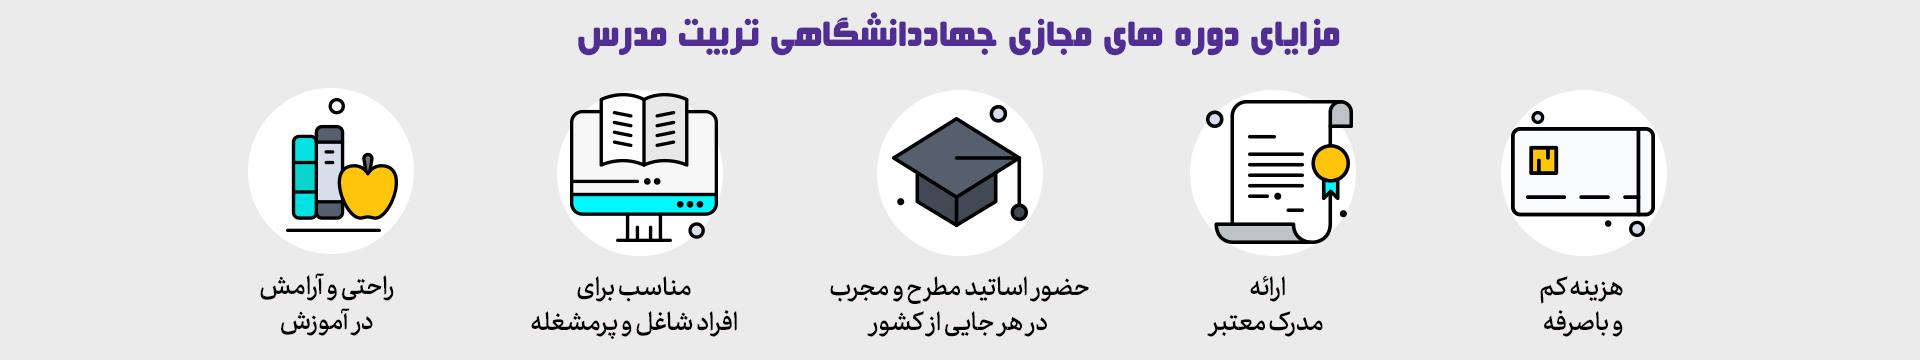 مزایای دوره های آنلاین جهاد دانشگاهی